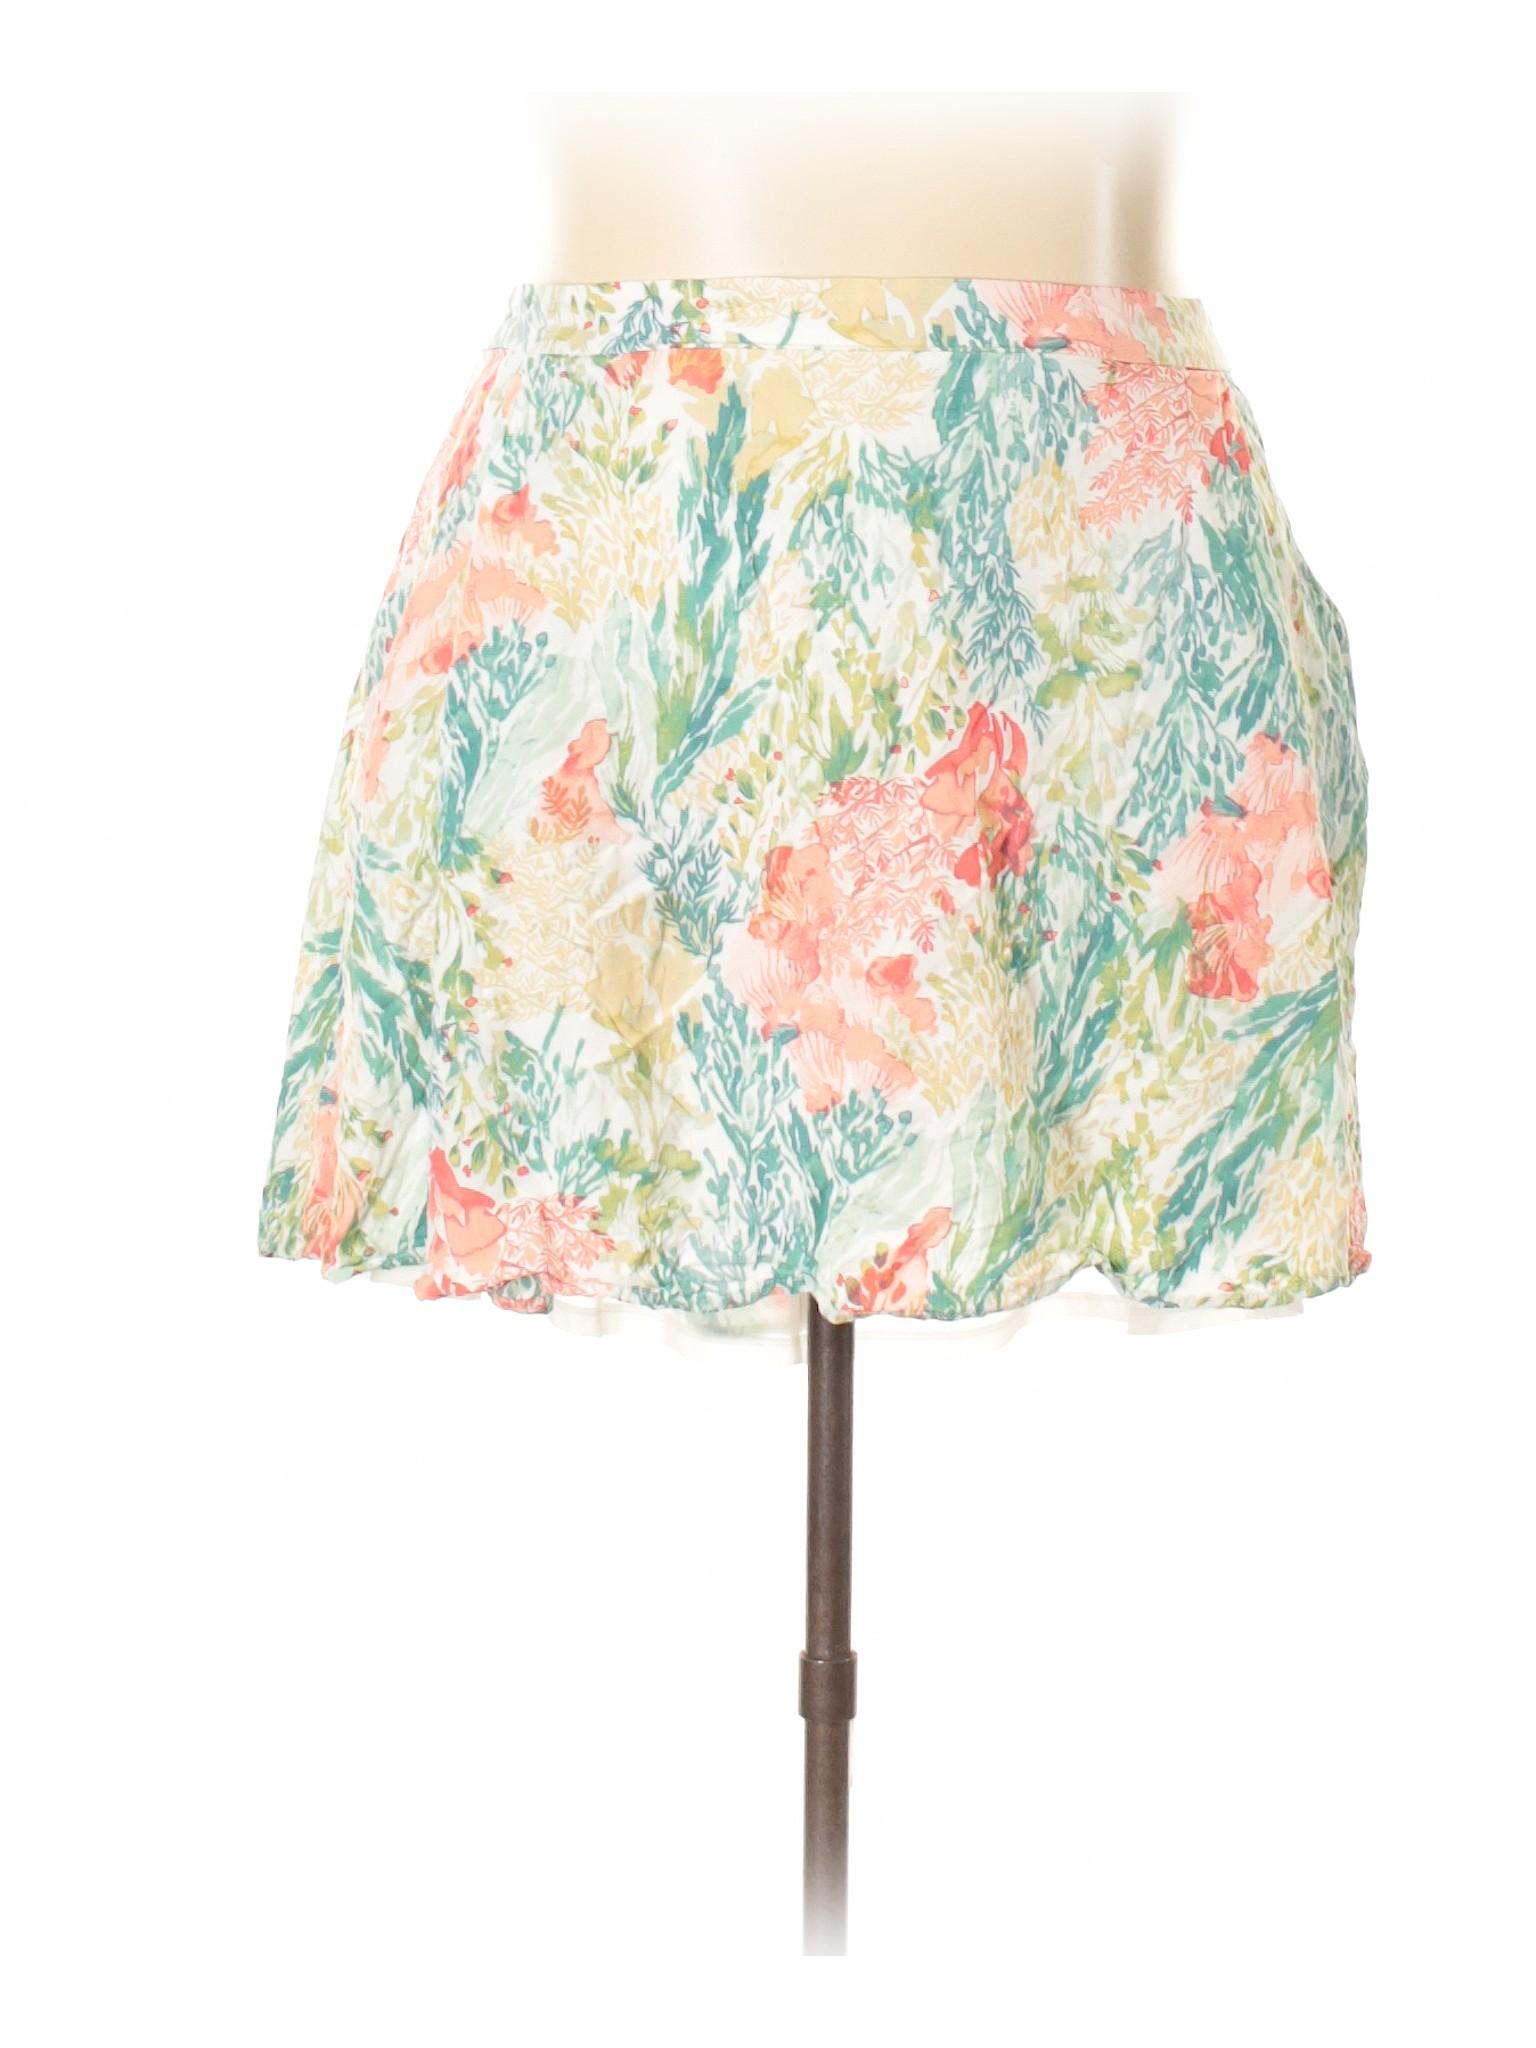 Casual Skirt Skirt Skirt Boutique Boutique Casual Skirt Casual Casual Boutique Boutique Boutique Z6ZqXwP